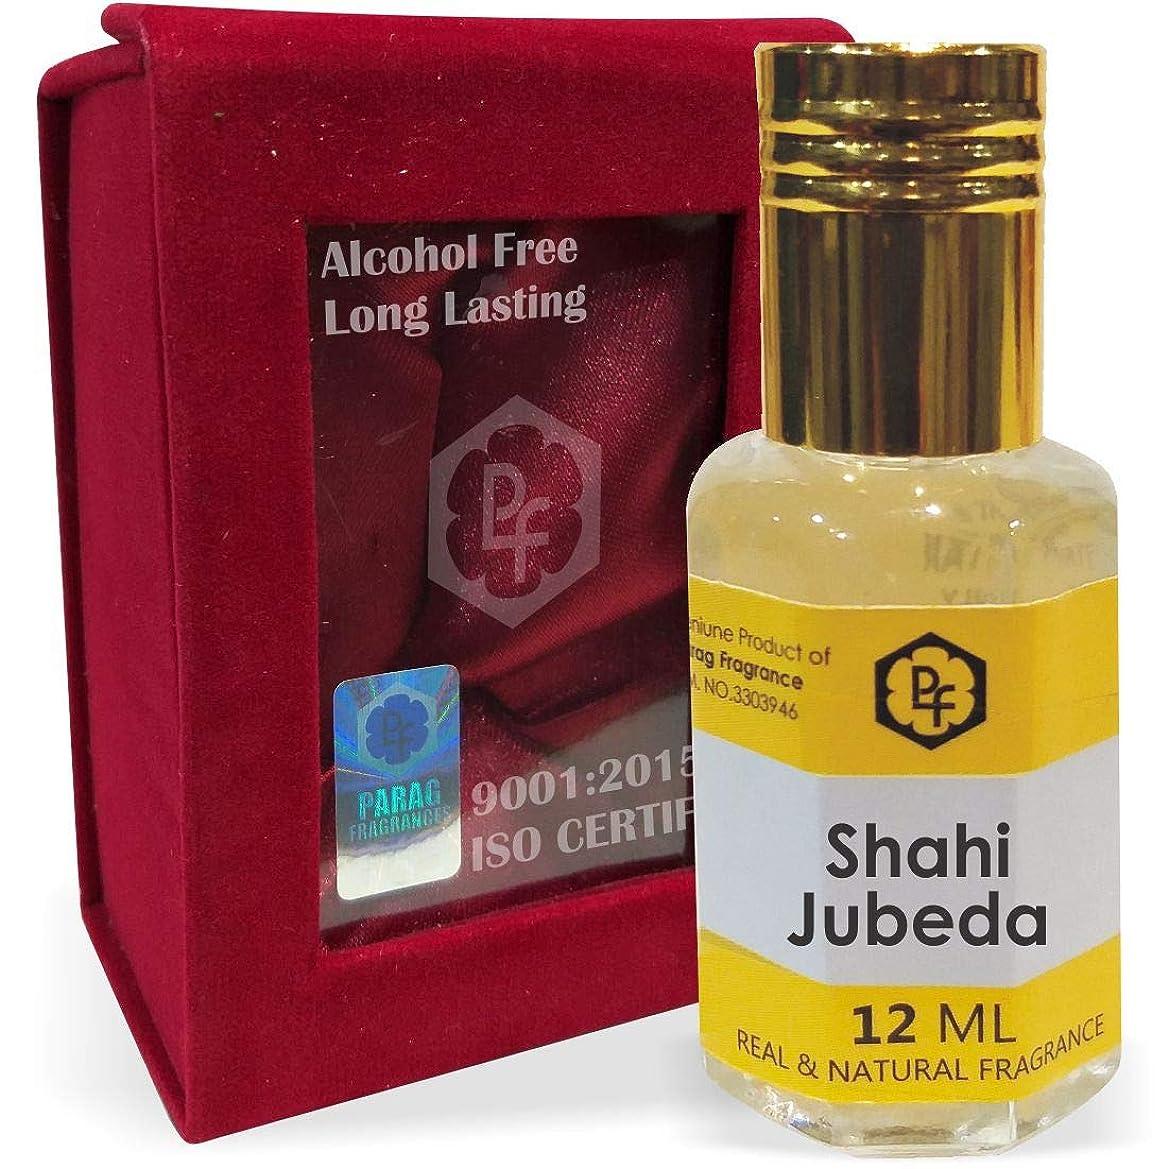 ロール暗殺者きちんとしたParagフレグランス手作りベルベットボックスシャヒJubeda 12ミリリットルアター/香水(インドの伝統的なBhapka処理方法により、インド製)オイル/フレグランスオイル|長持ちアターITRA最高の品質